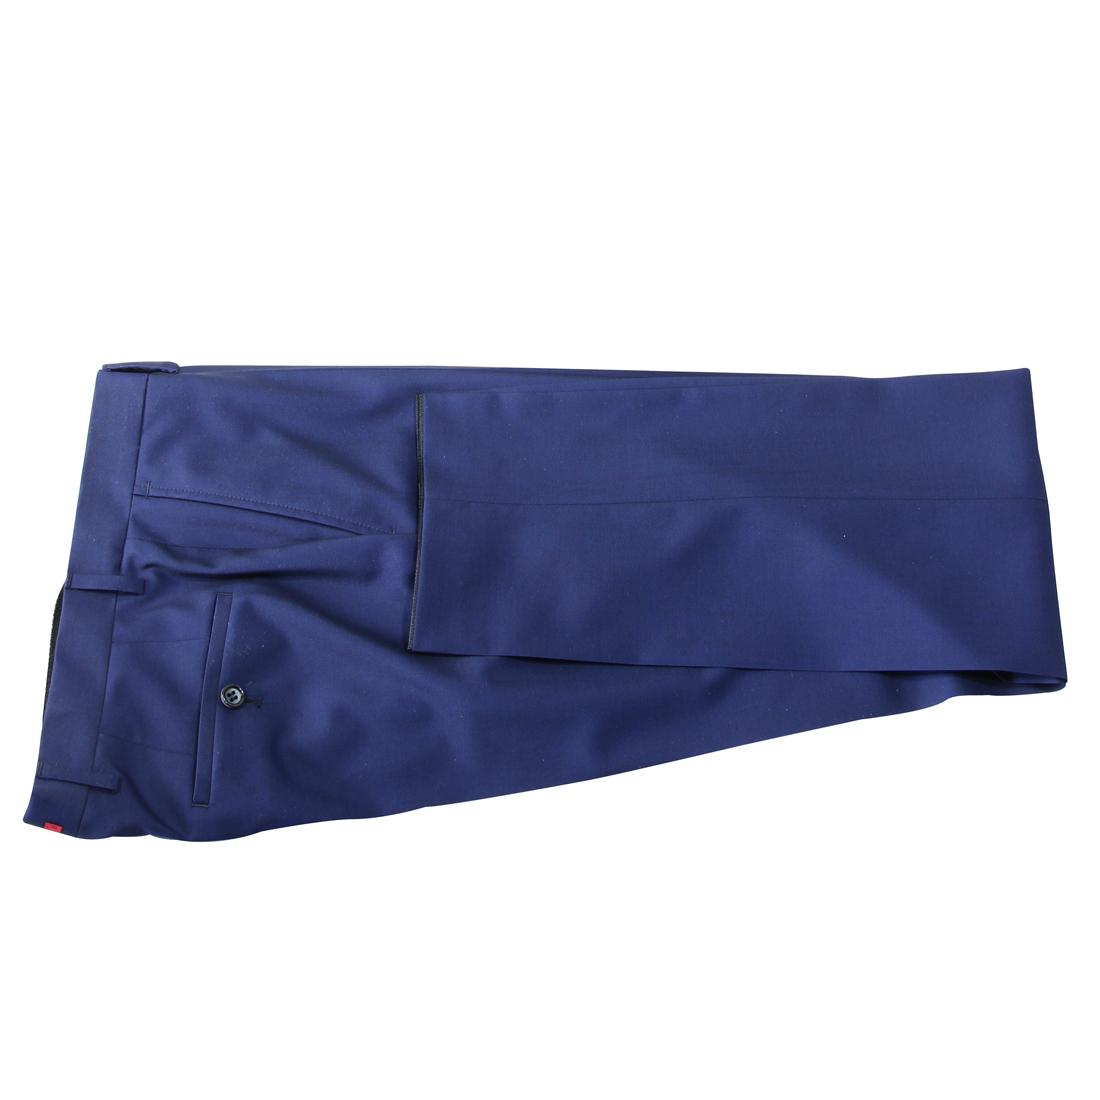 Roy Robson broeken 6112/S- -0240- in het Donker Blauw